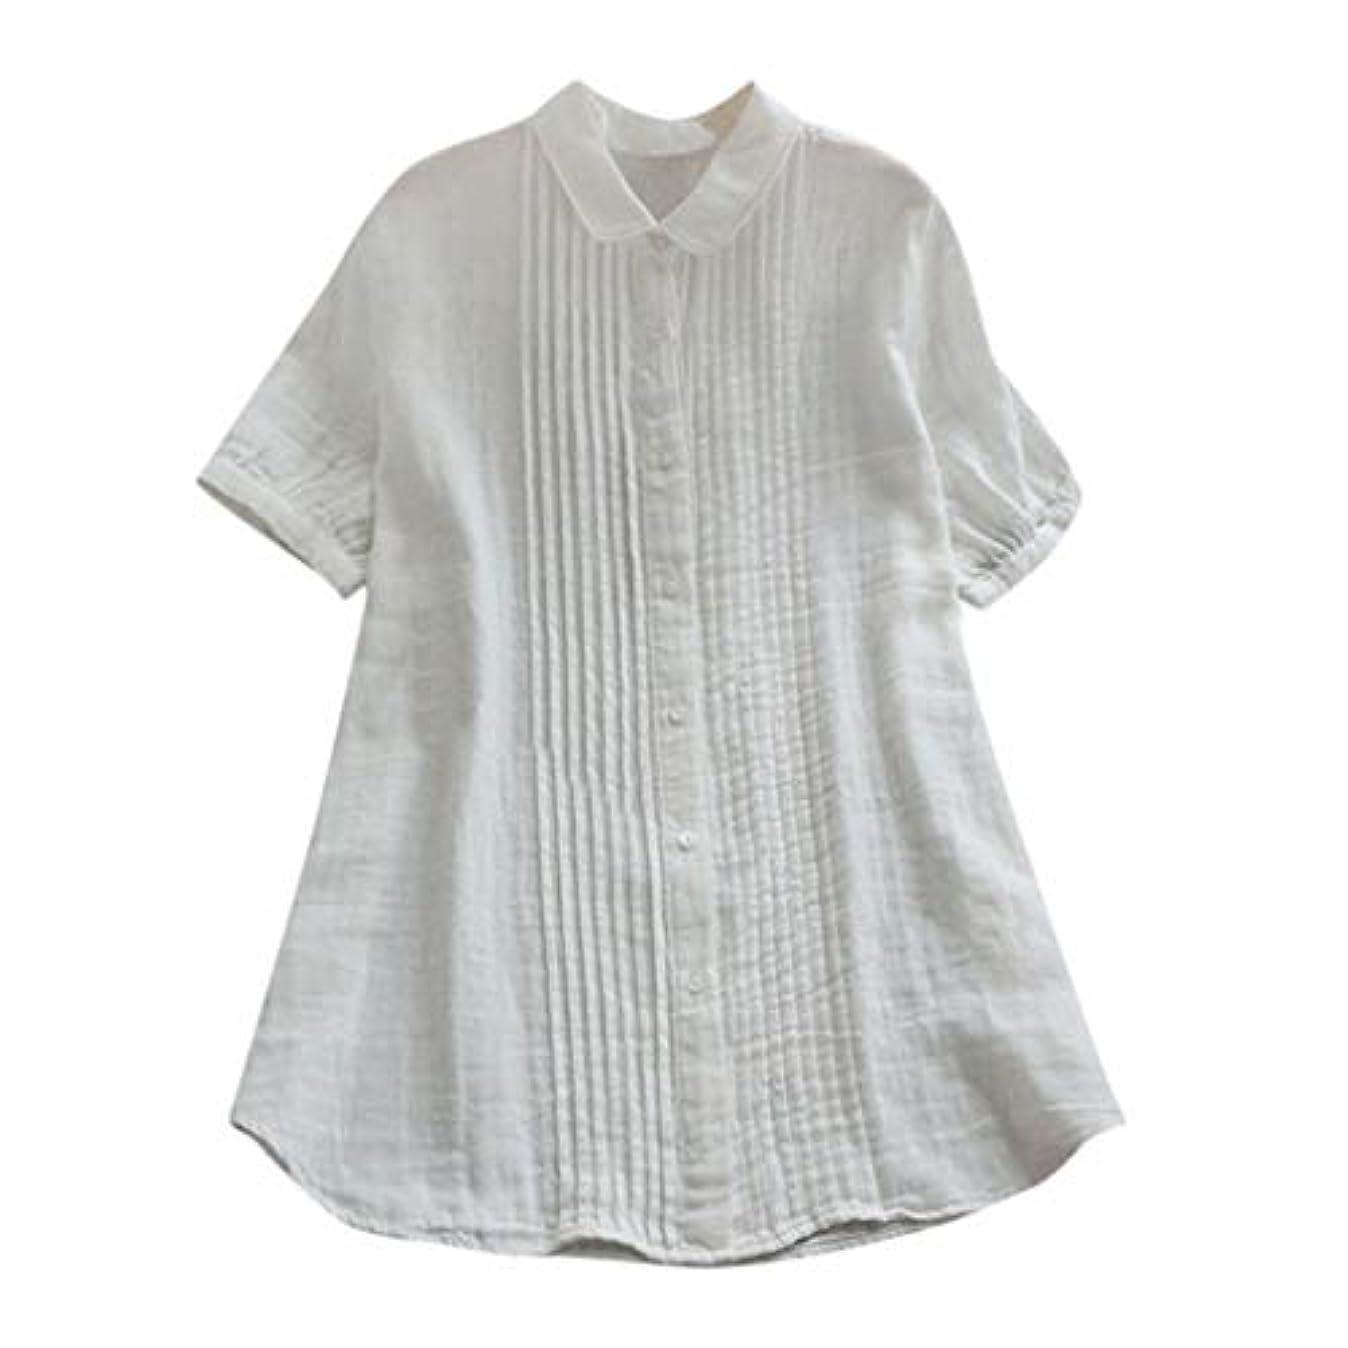 花火工業用縫う女性の半袖Tシャツ - ピーターパンカラー夏緩い無地カジュアルダウントップスブラウス (白, L)